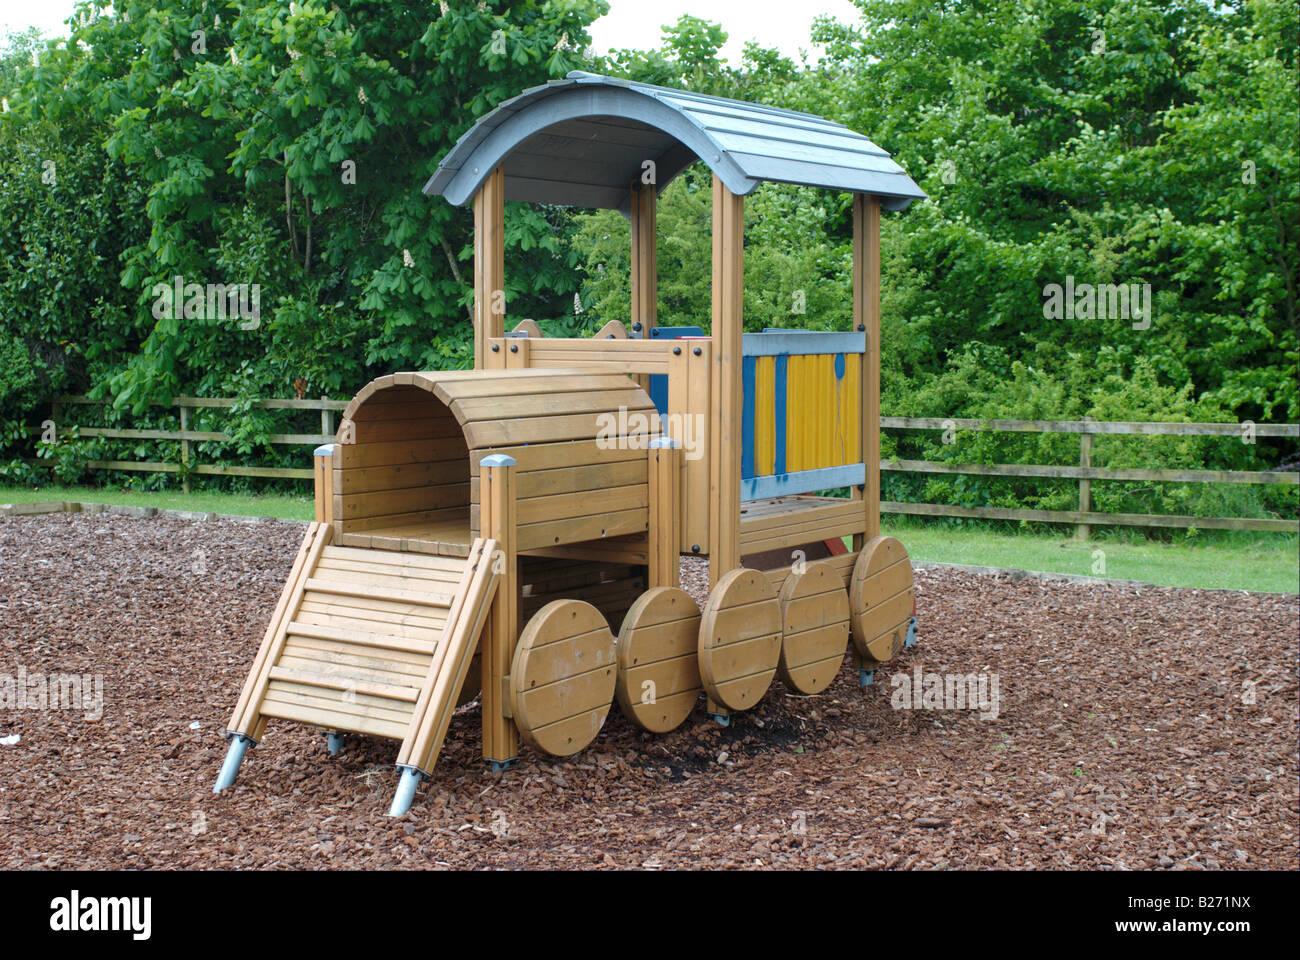 Klettergerüst English : Kinderspielplatz mit klettergerüst in form einer holzeisenbahn